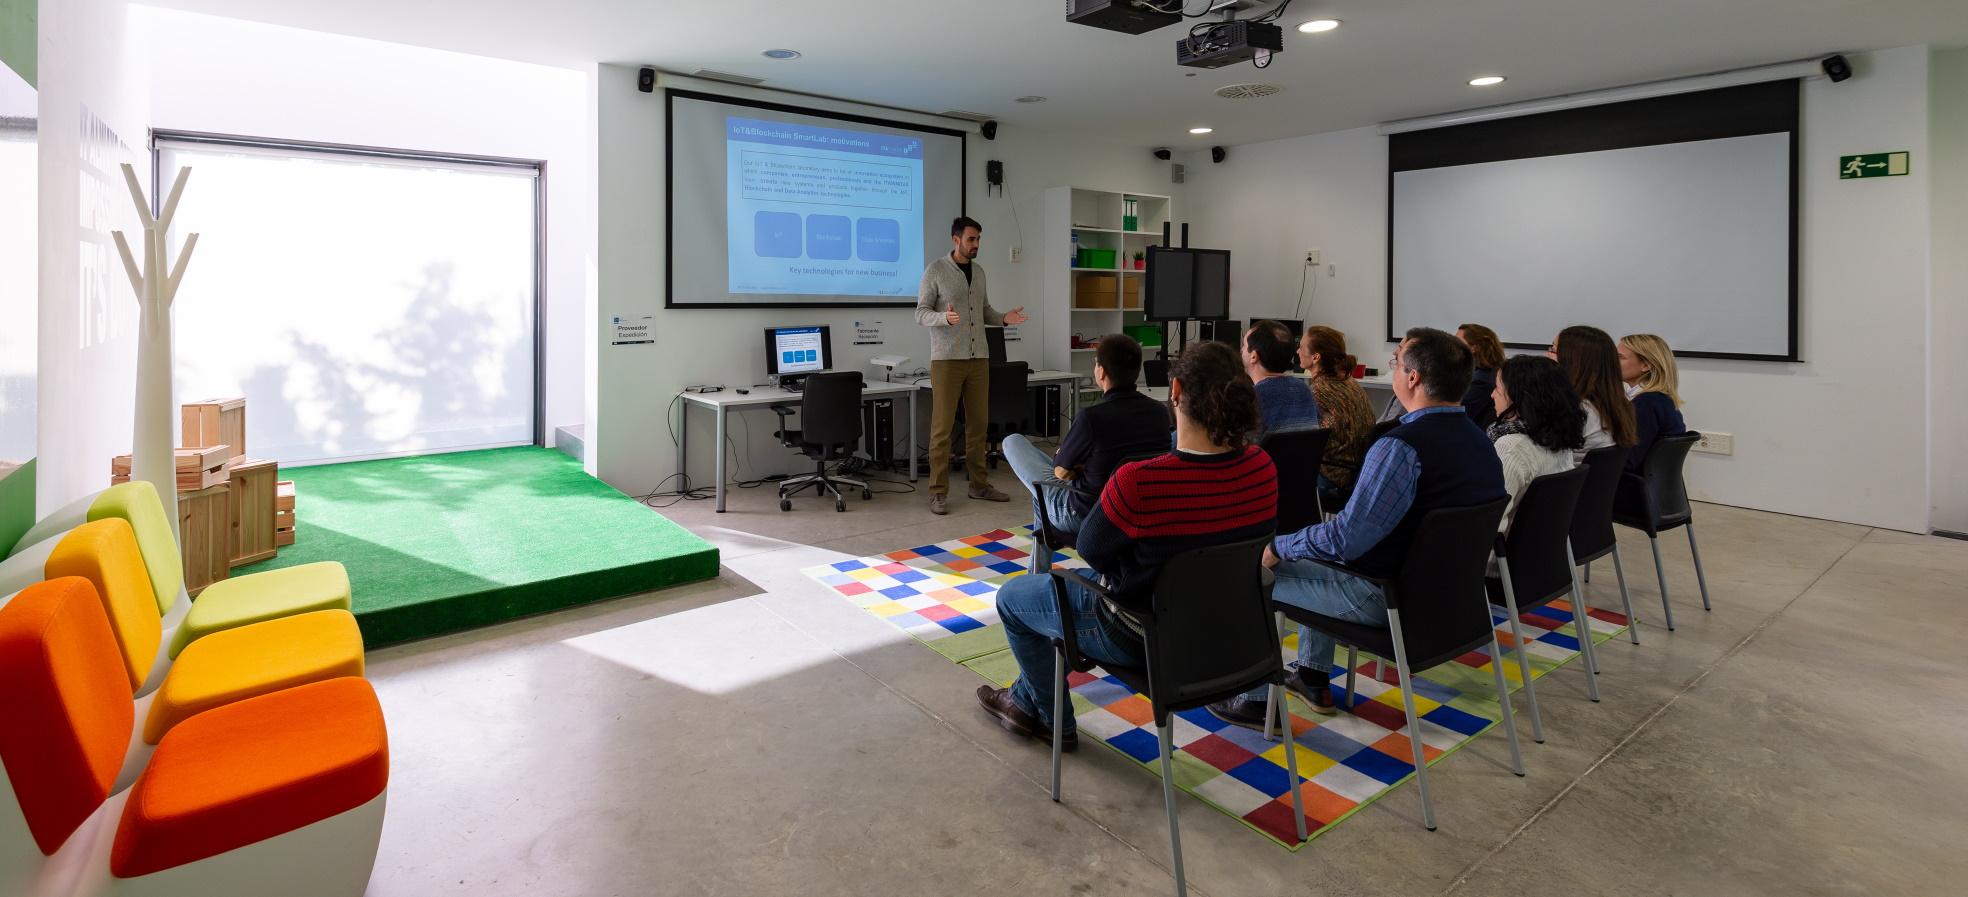 ITAINNOVA organiza un webinar sobre cómo captar inversión y deuda para empresas a través de blockchain